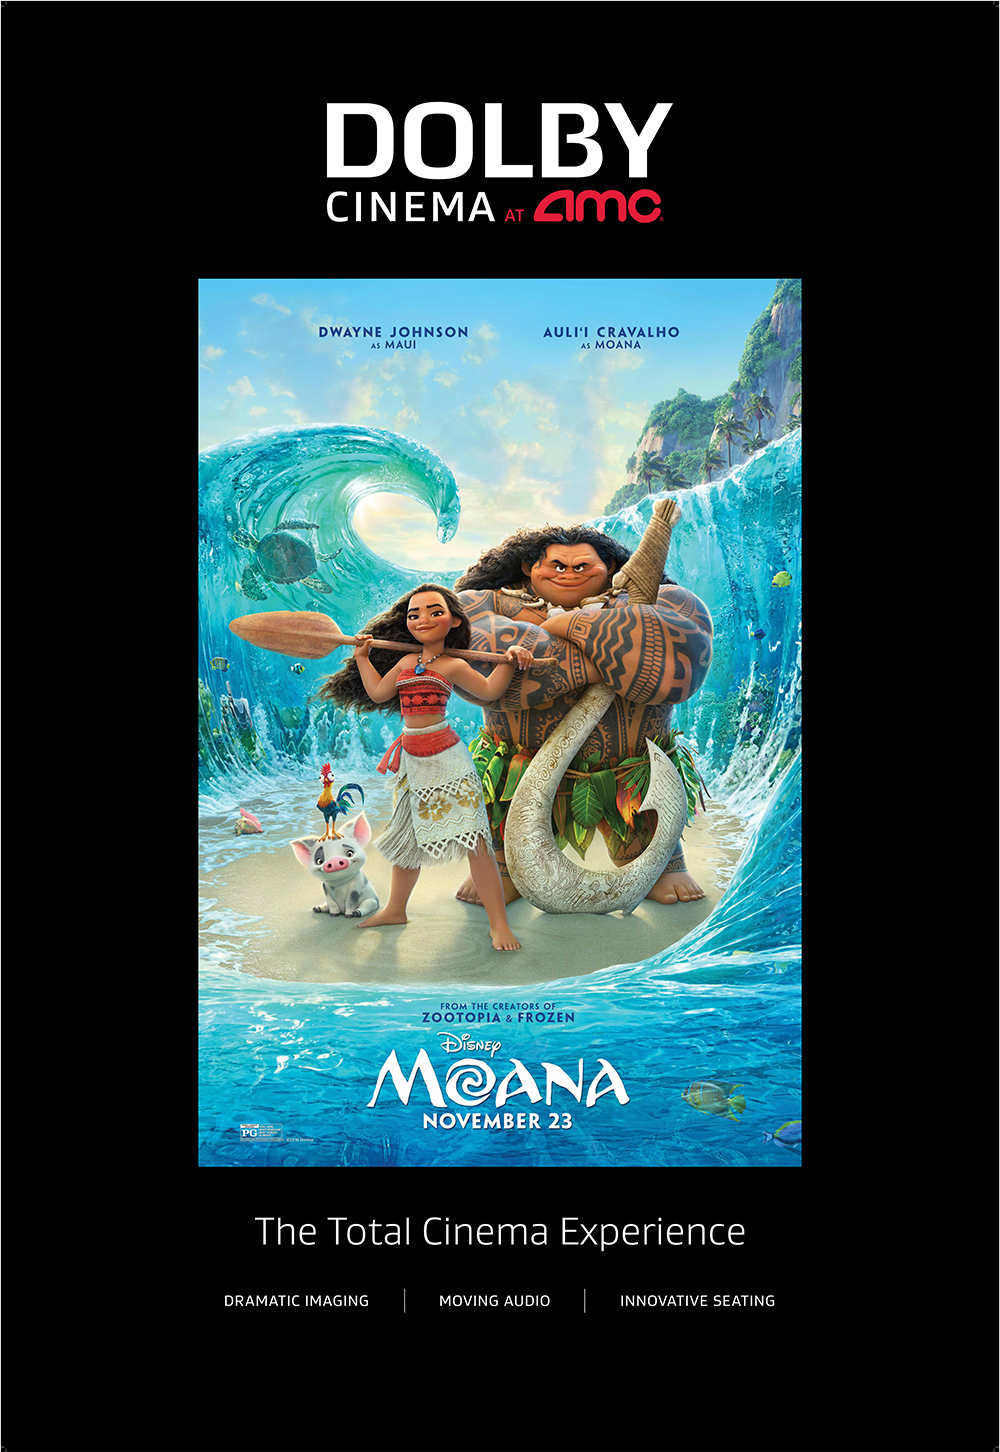 moana-dolby-cinema-at-amc